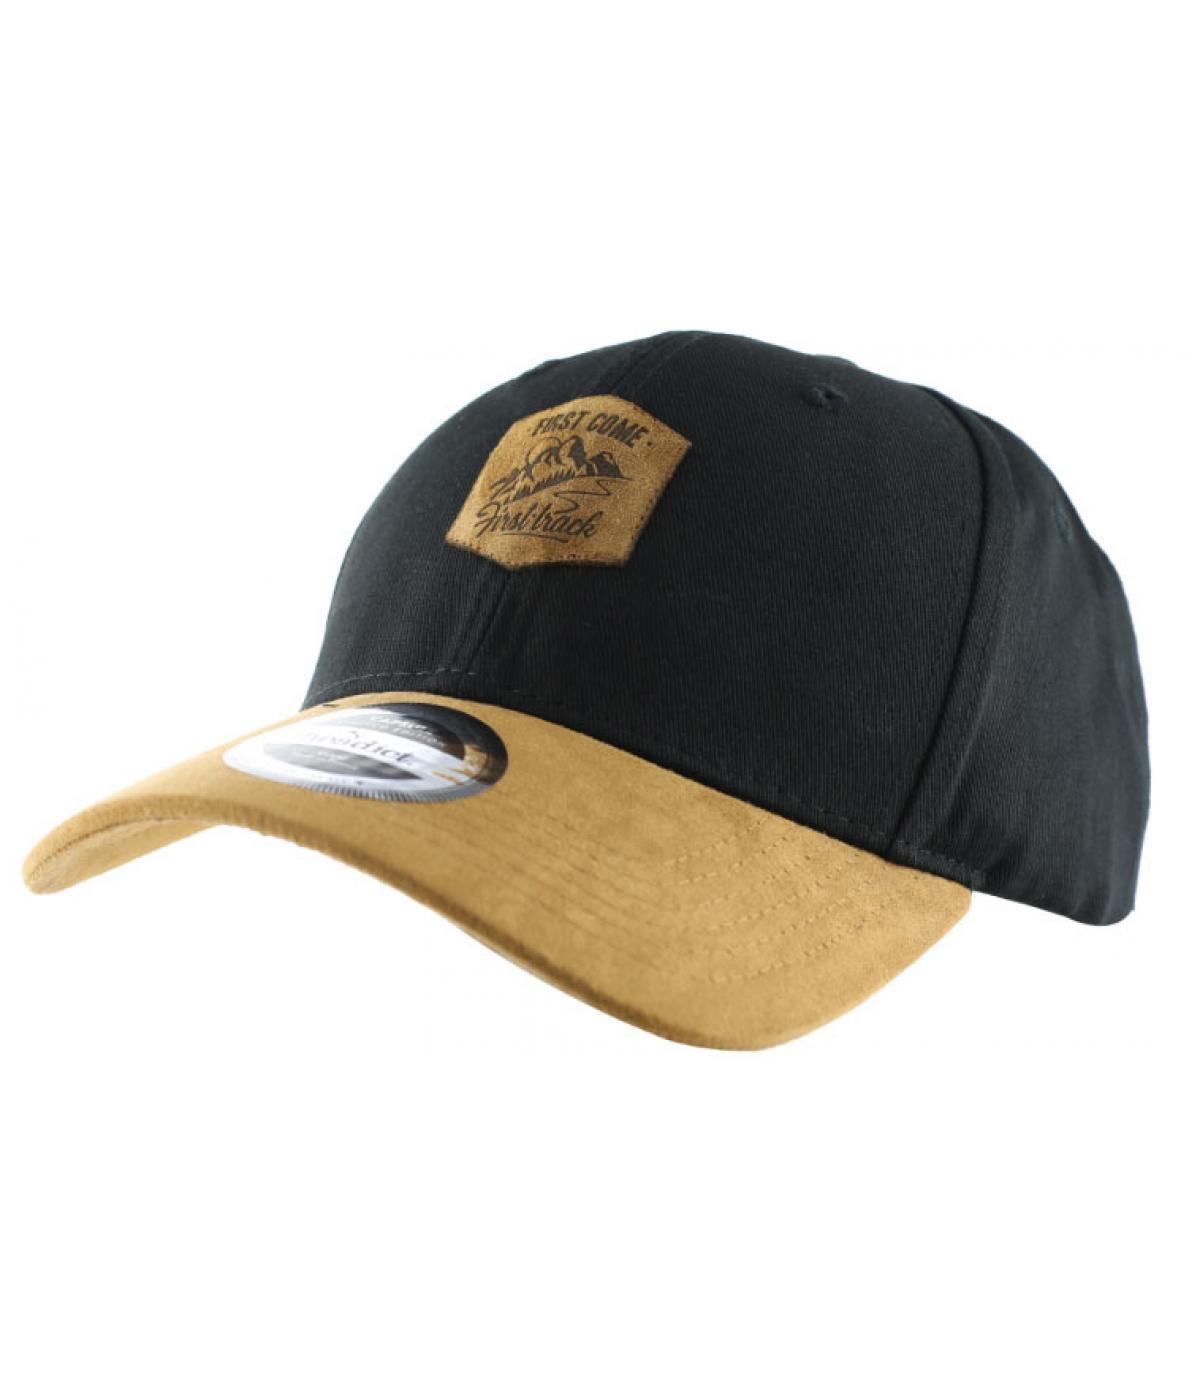 black First come cap